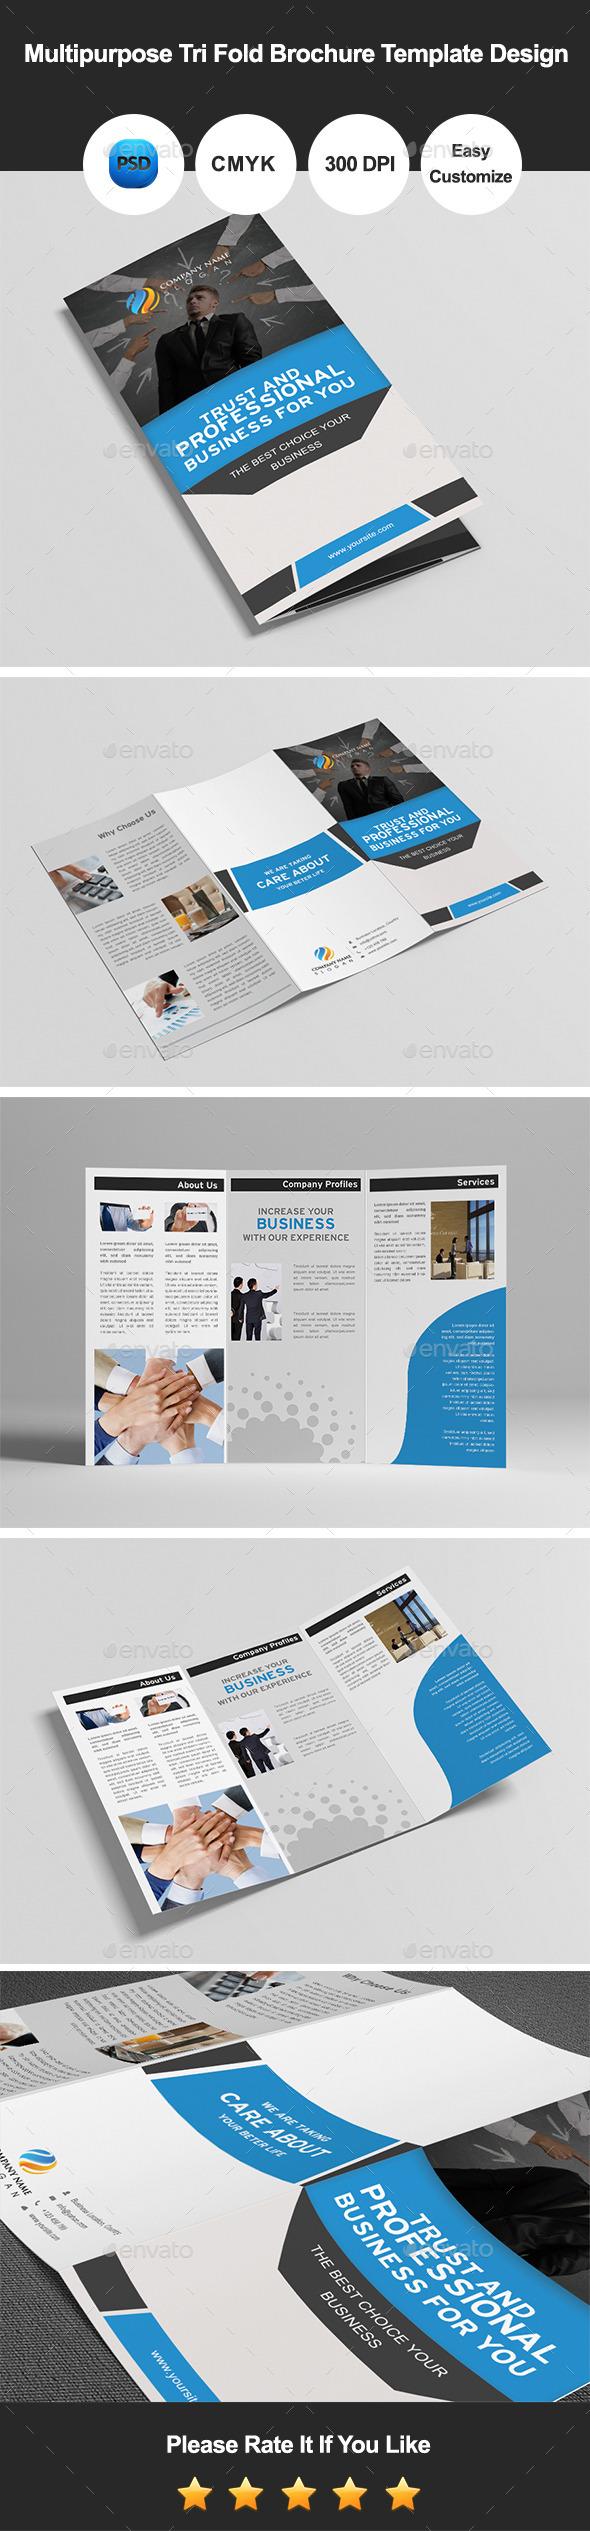 Multipurpose Tri Fold Brochure Template Design - Corporate Brochures